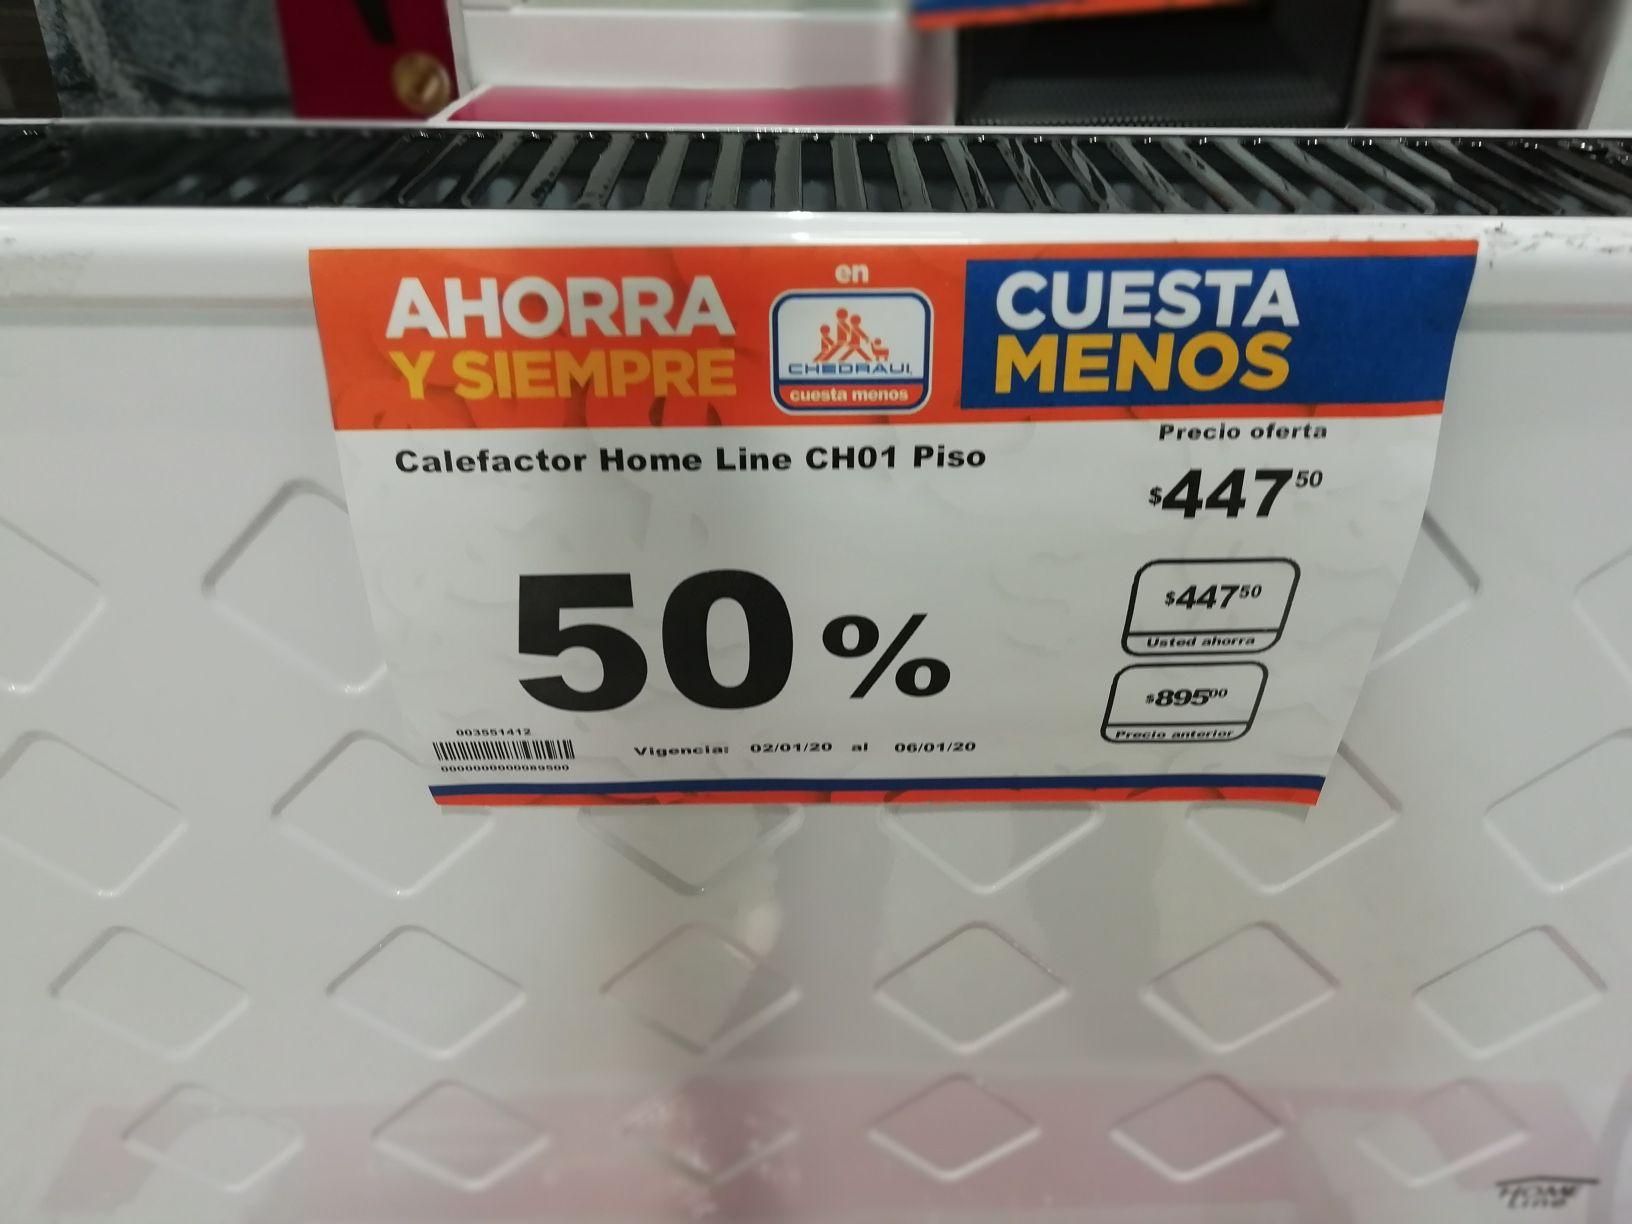 Chedraui plaza cristal Puebla: Calefactores 50%, pants y más